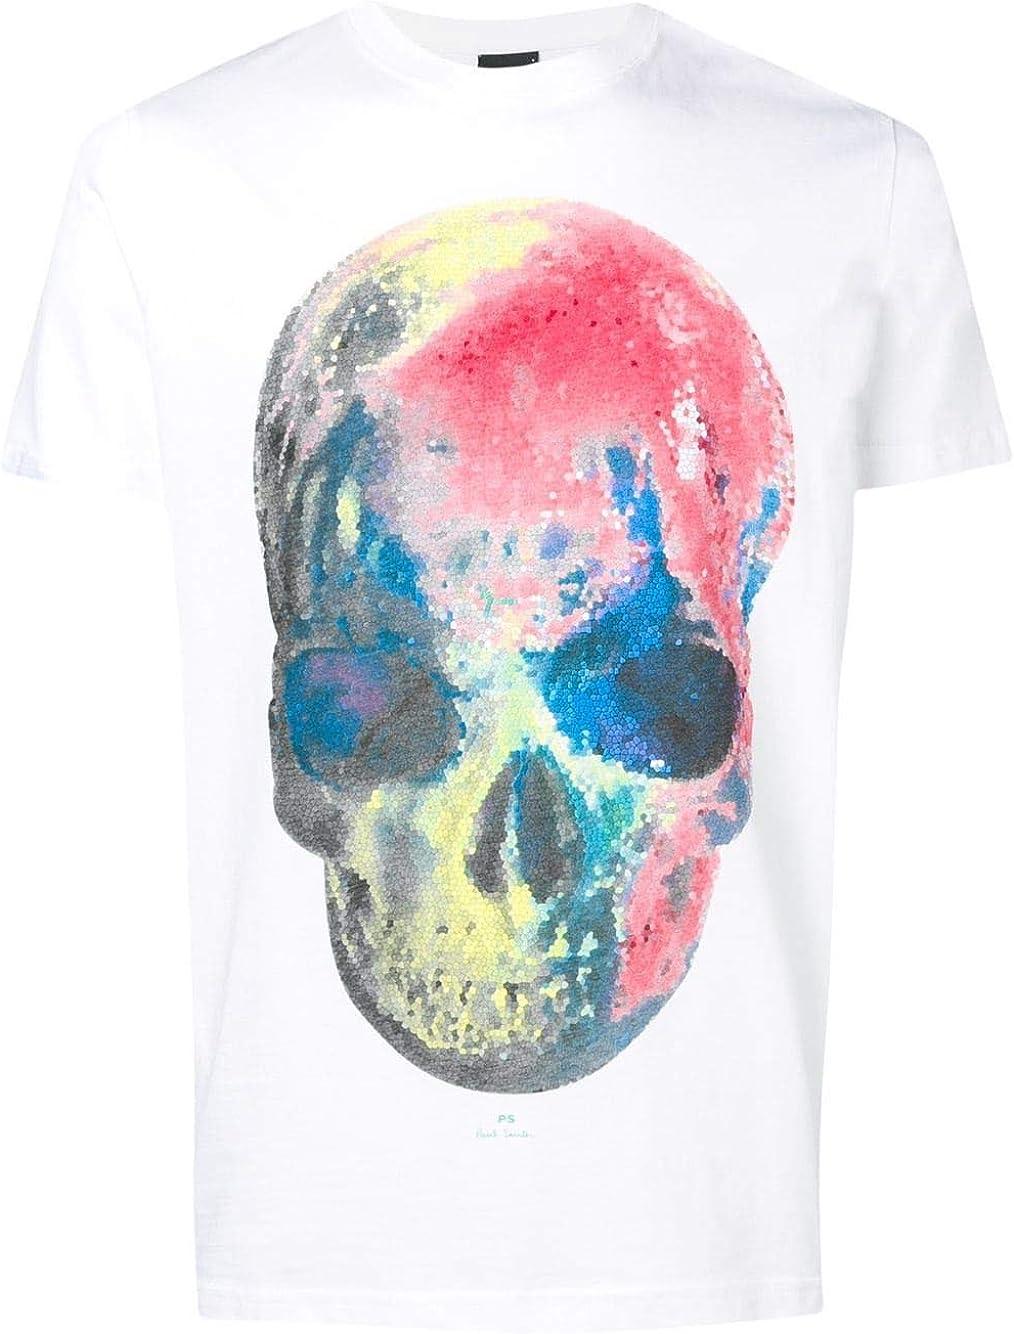 Paul Smith Luxury Fashion Hombre M2R010RAP112001 Blanco T-Shirt   Temporada Outlet: Amazon.es: Ropa y accesorios